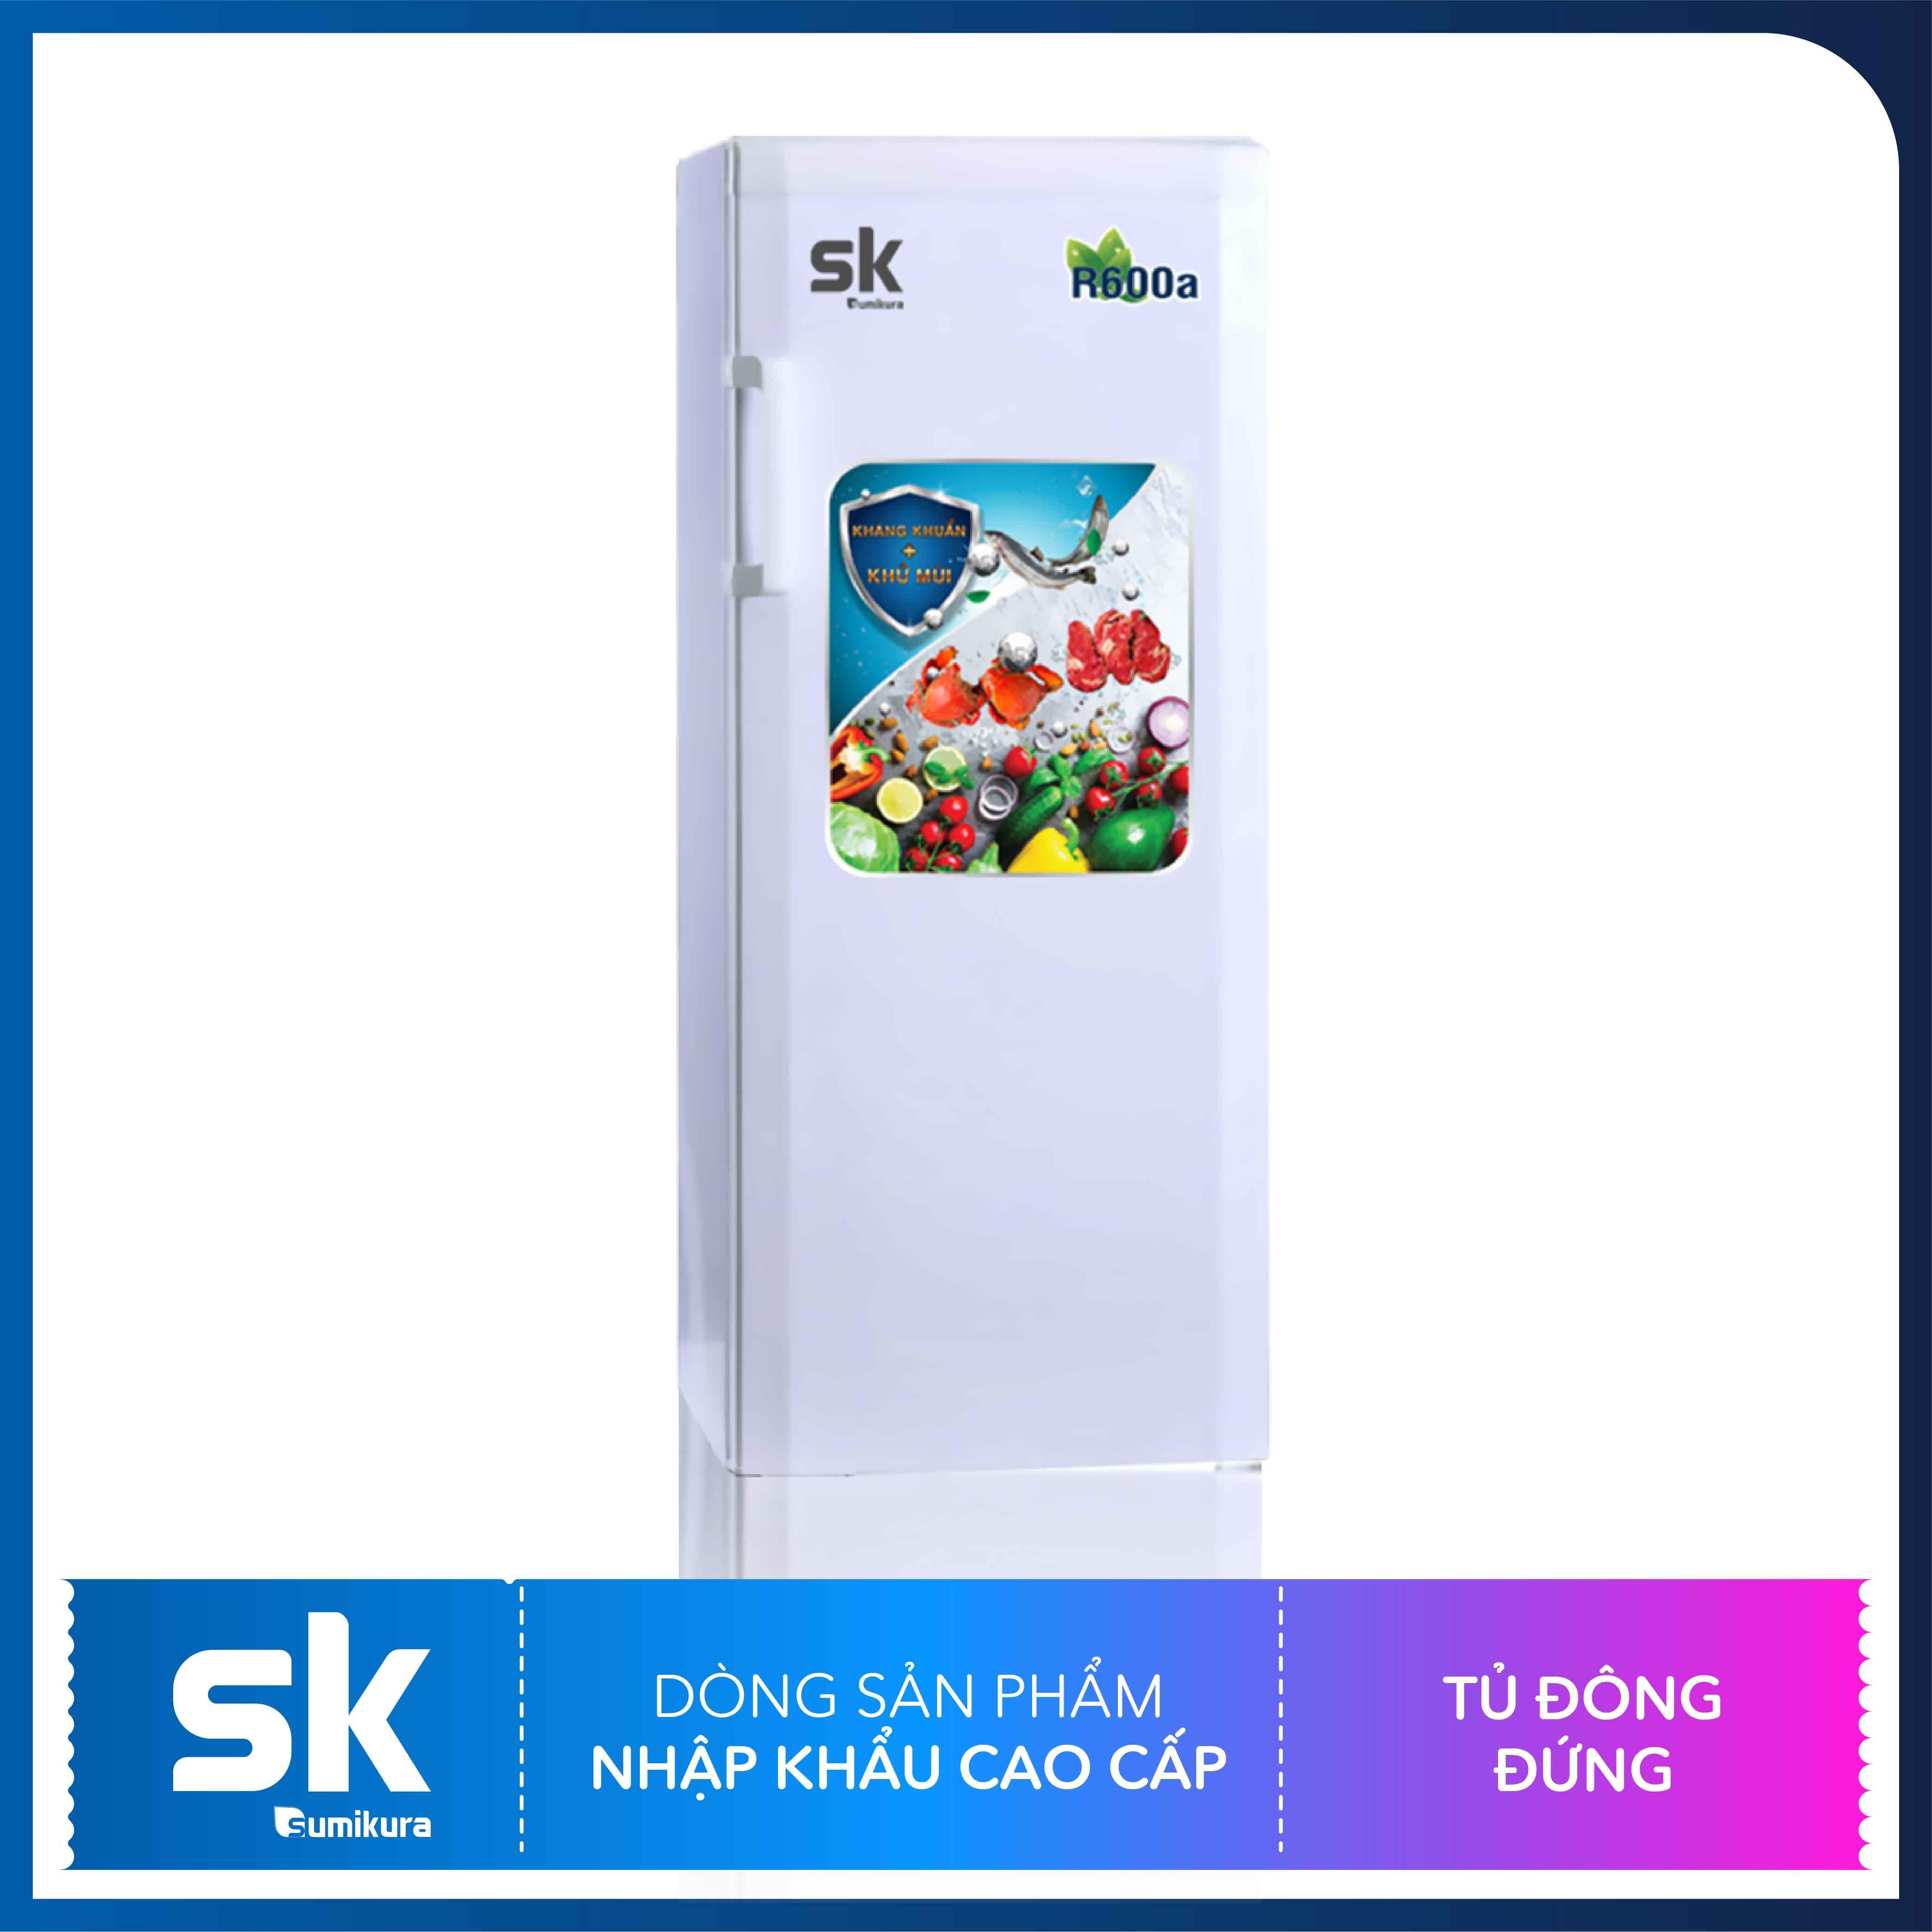 Tủ Đá 300 Lít SKFU-300 Sumikura